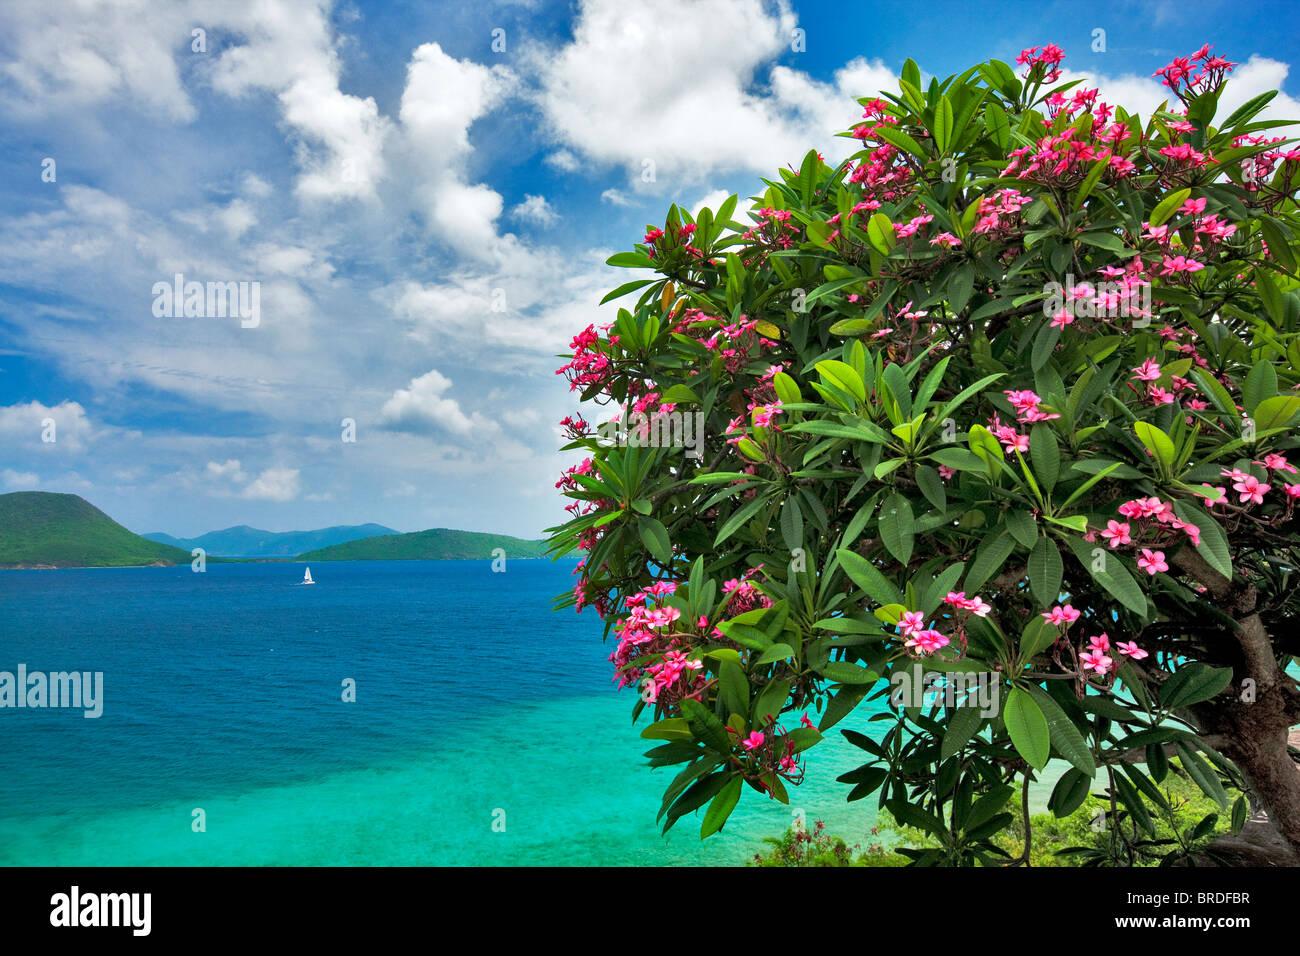 Plumeria en flor y velero pequeña isla frente a San Juan. Islas Vírgenes de los Estados Unidos. Parque Nacional de las Islas Vírgenes. Foto de stock